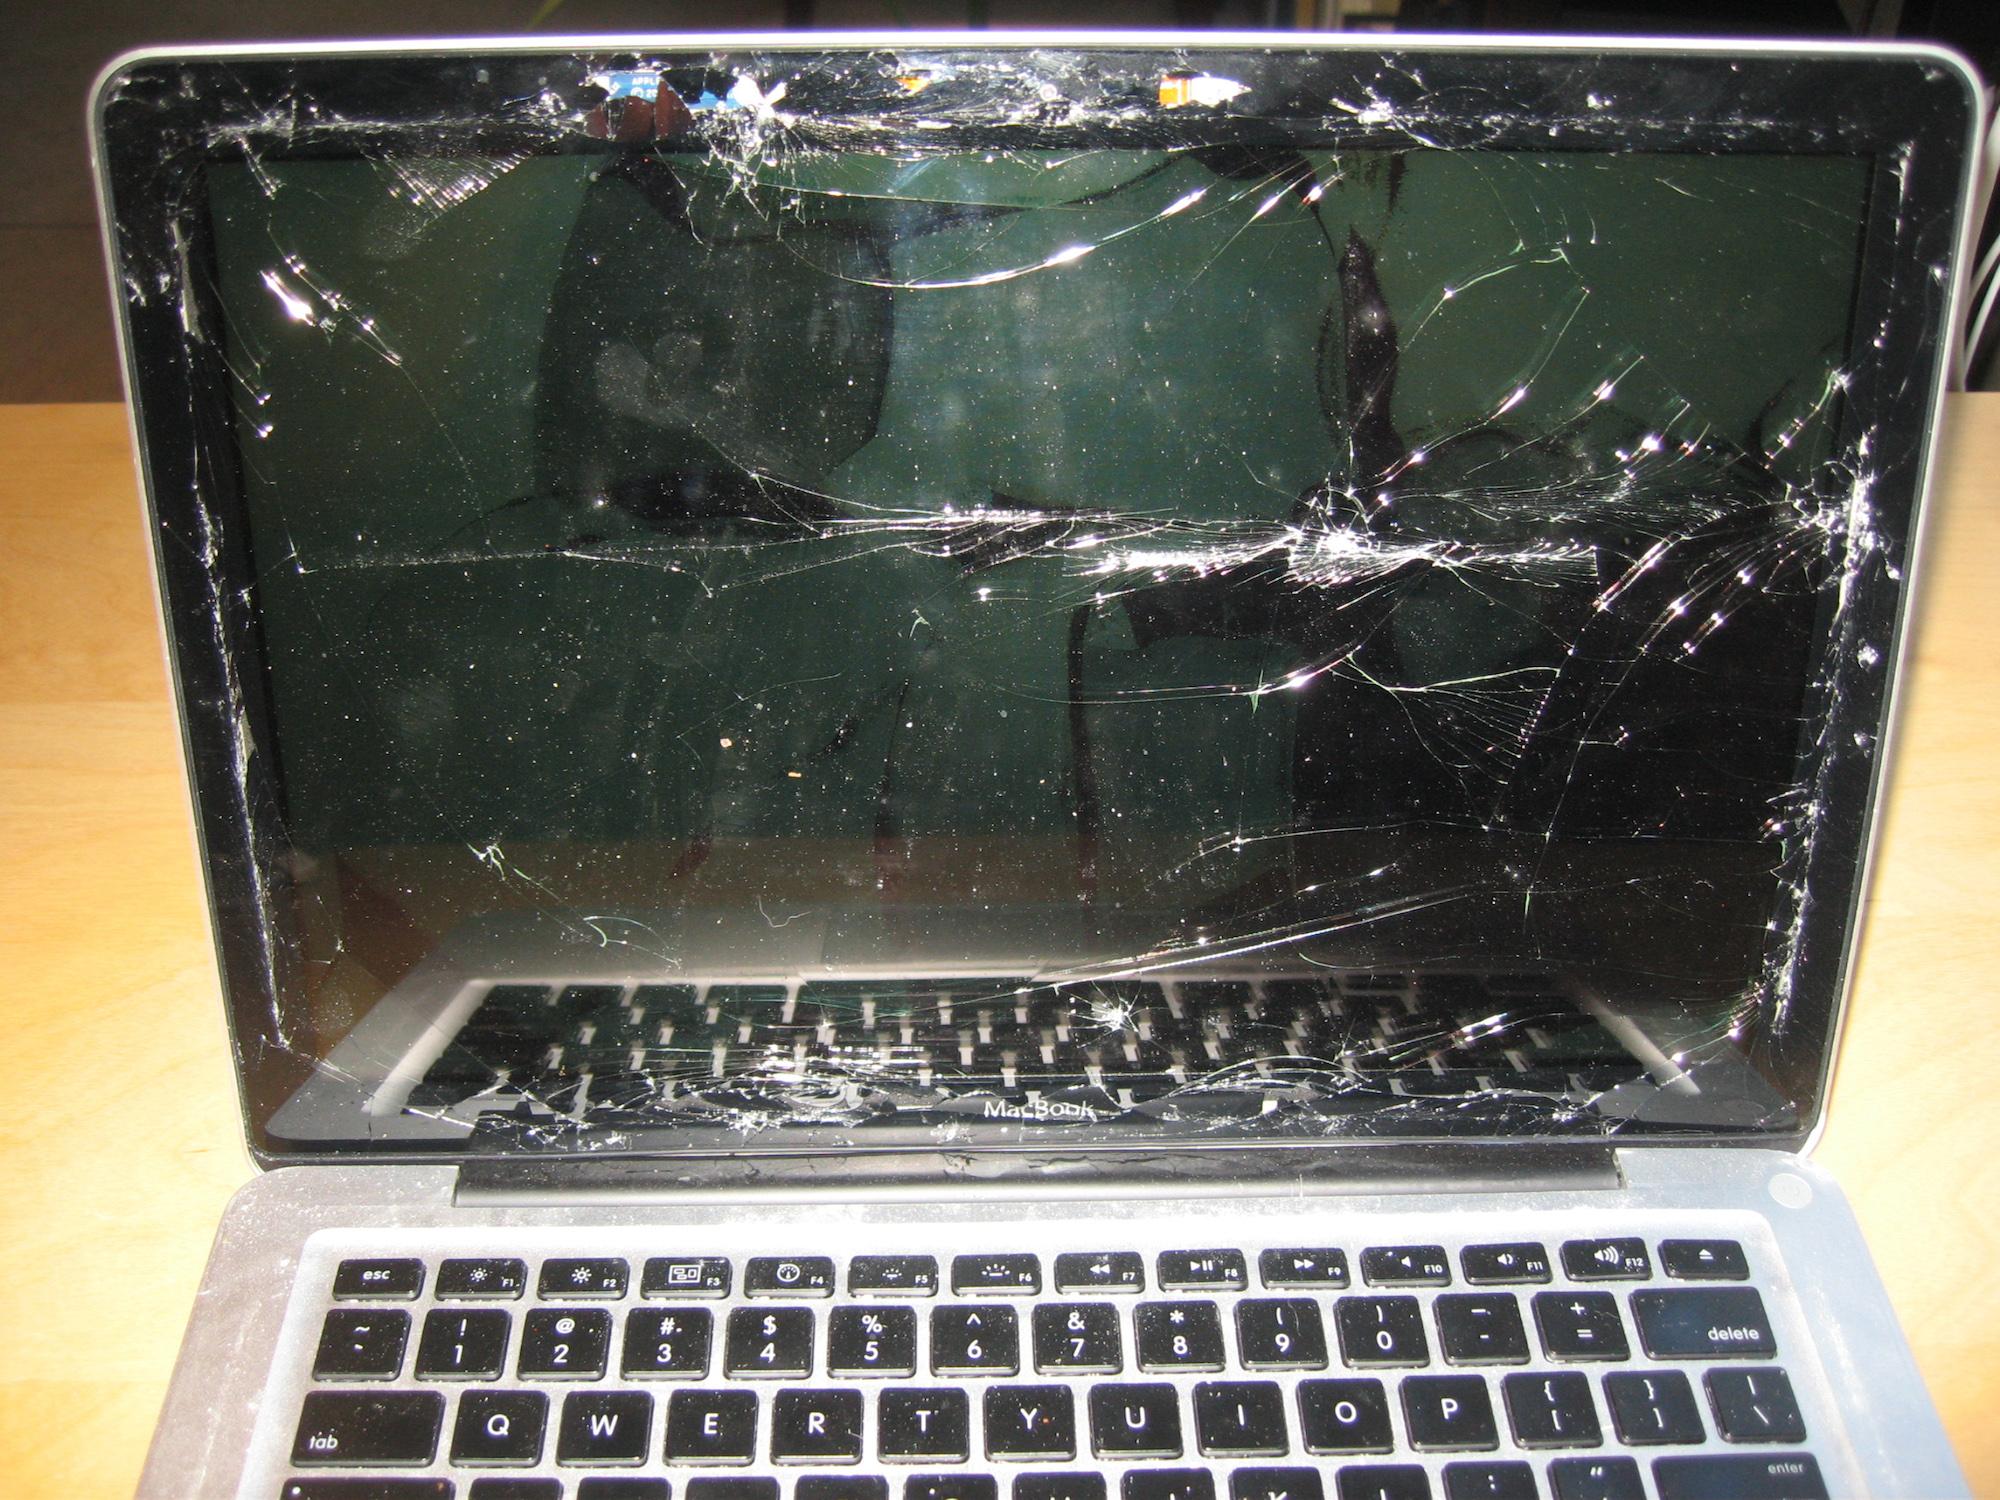 Destroyed Mac